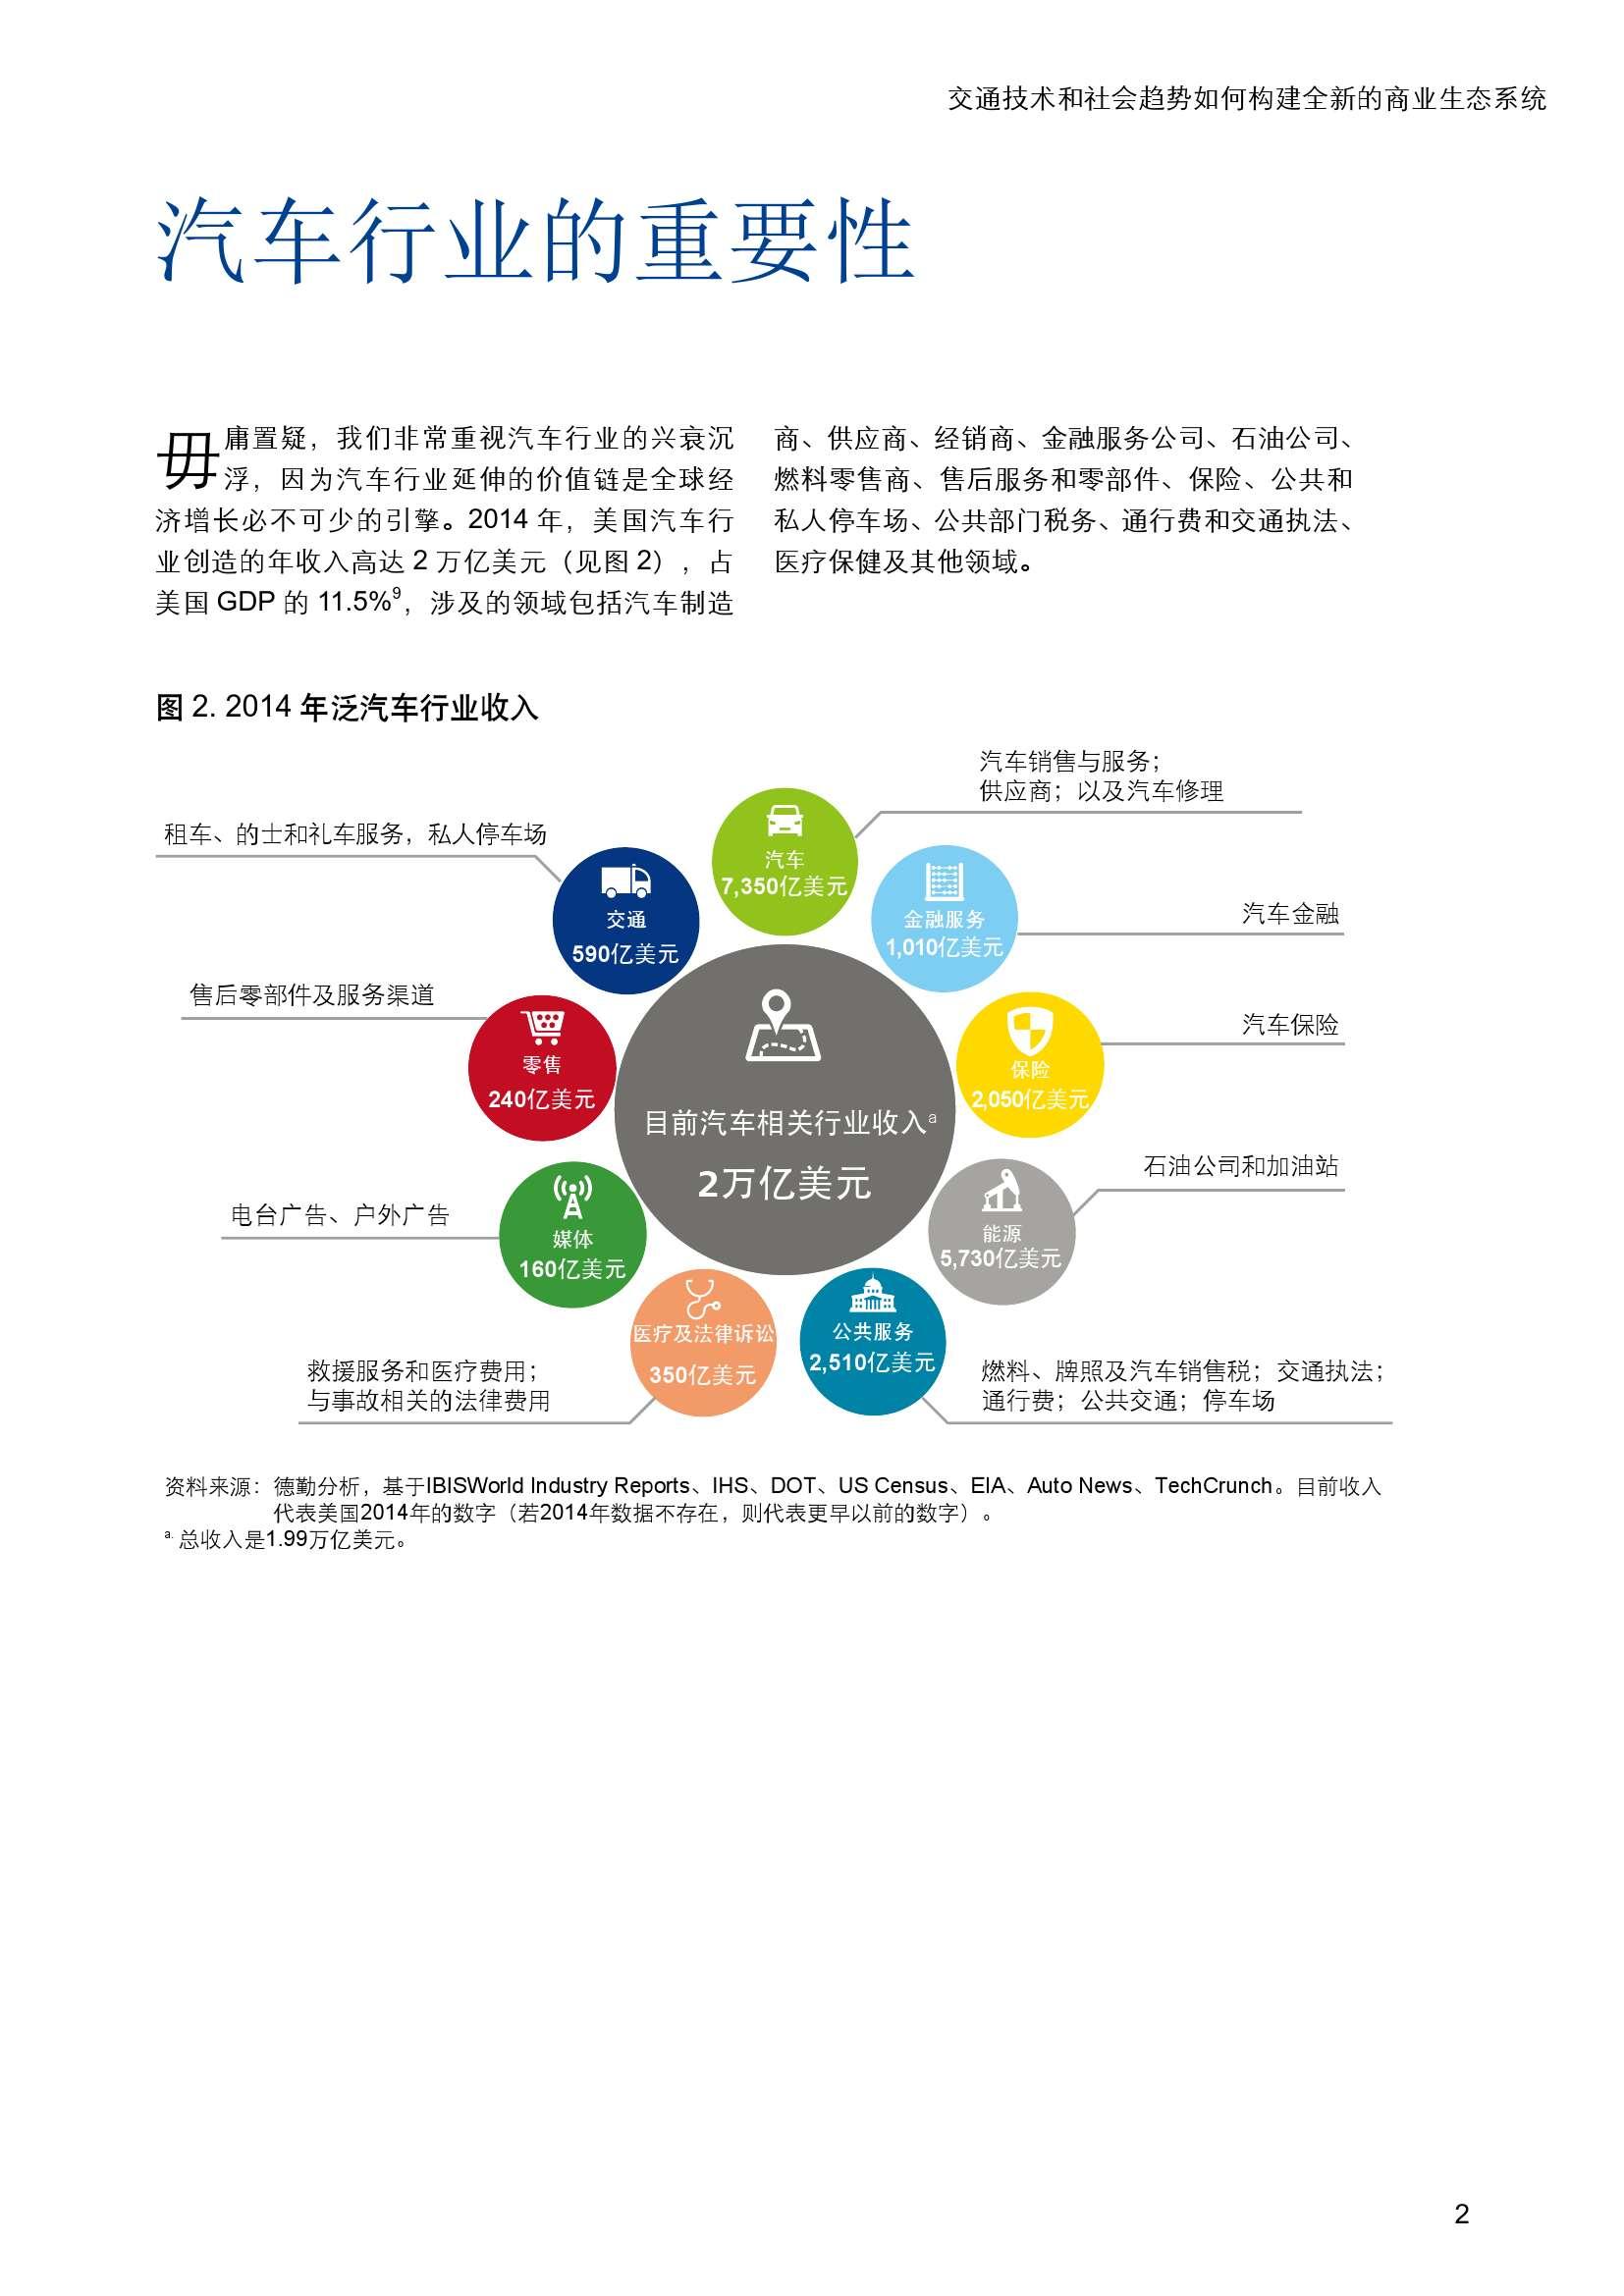 未来汽车:交通技术和社会趋势如何构建全新的商业生态系统_000005